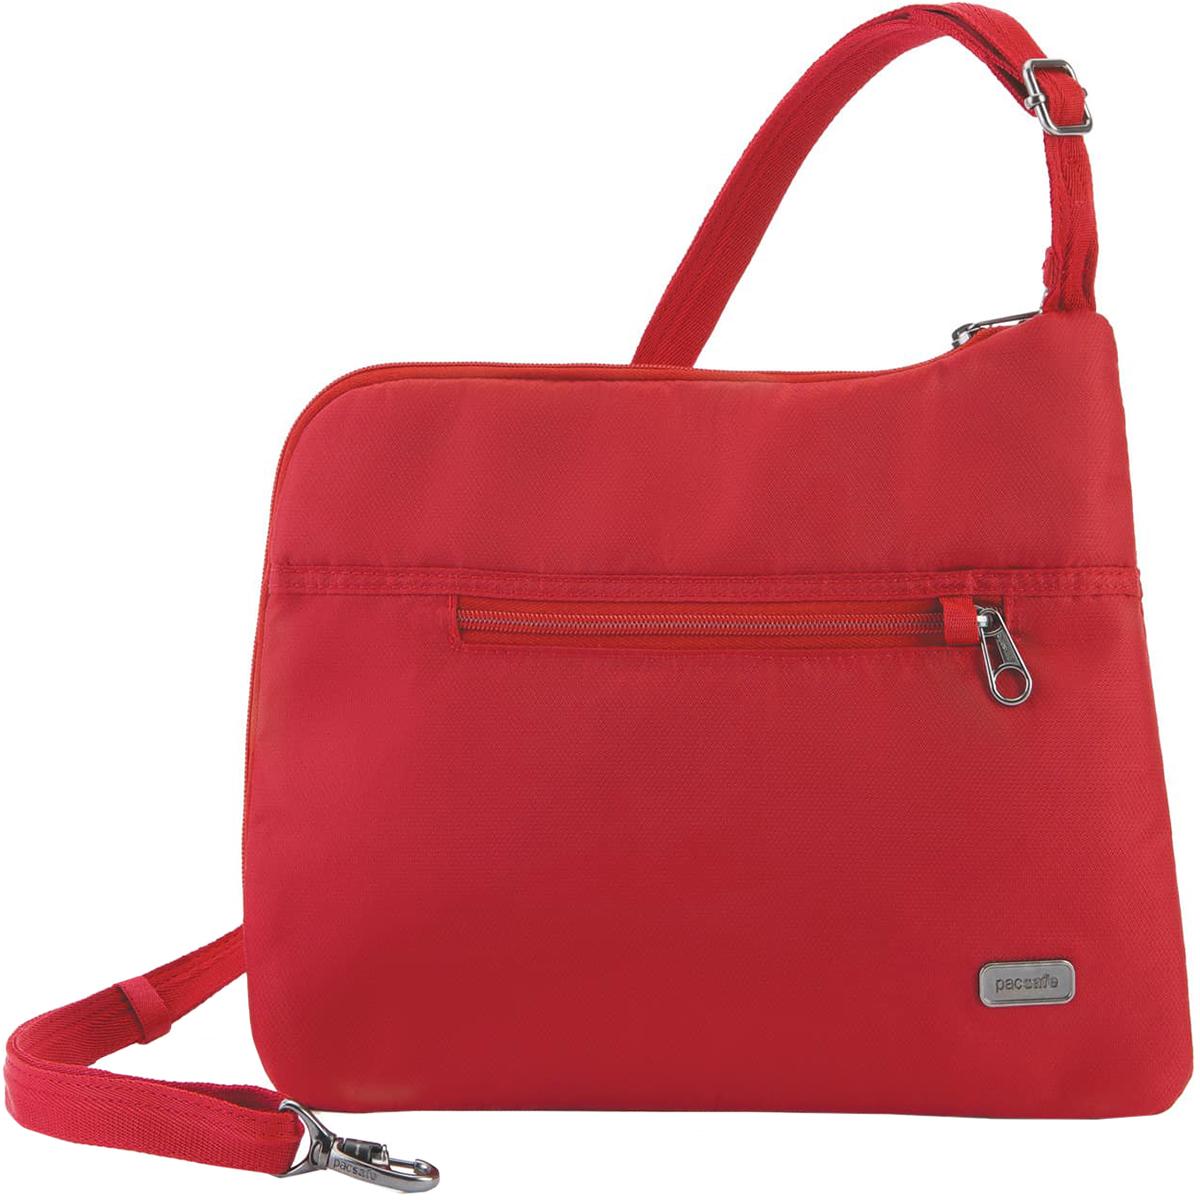 PacSafe-DaySafe-Anti-Theft-Slim-Crossbody-Bag thumbnail 15